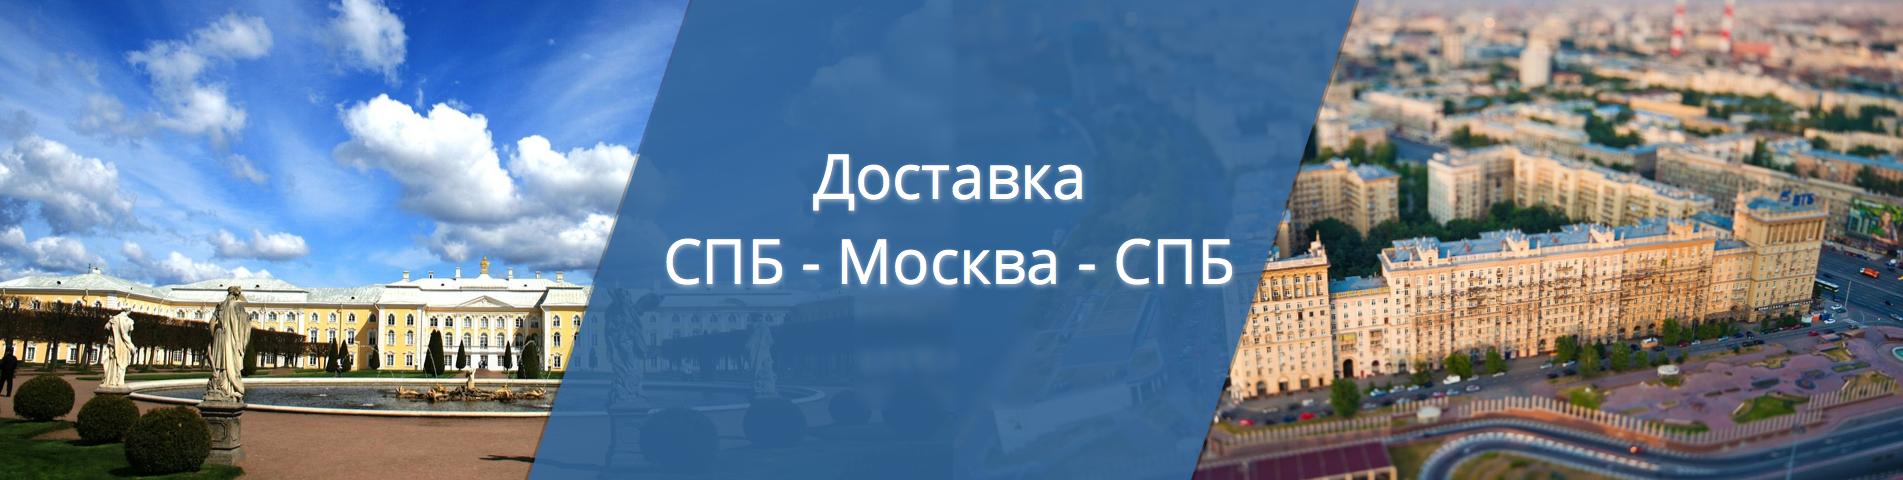 Доставка-СПБ-Москва-СПБ